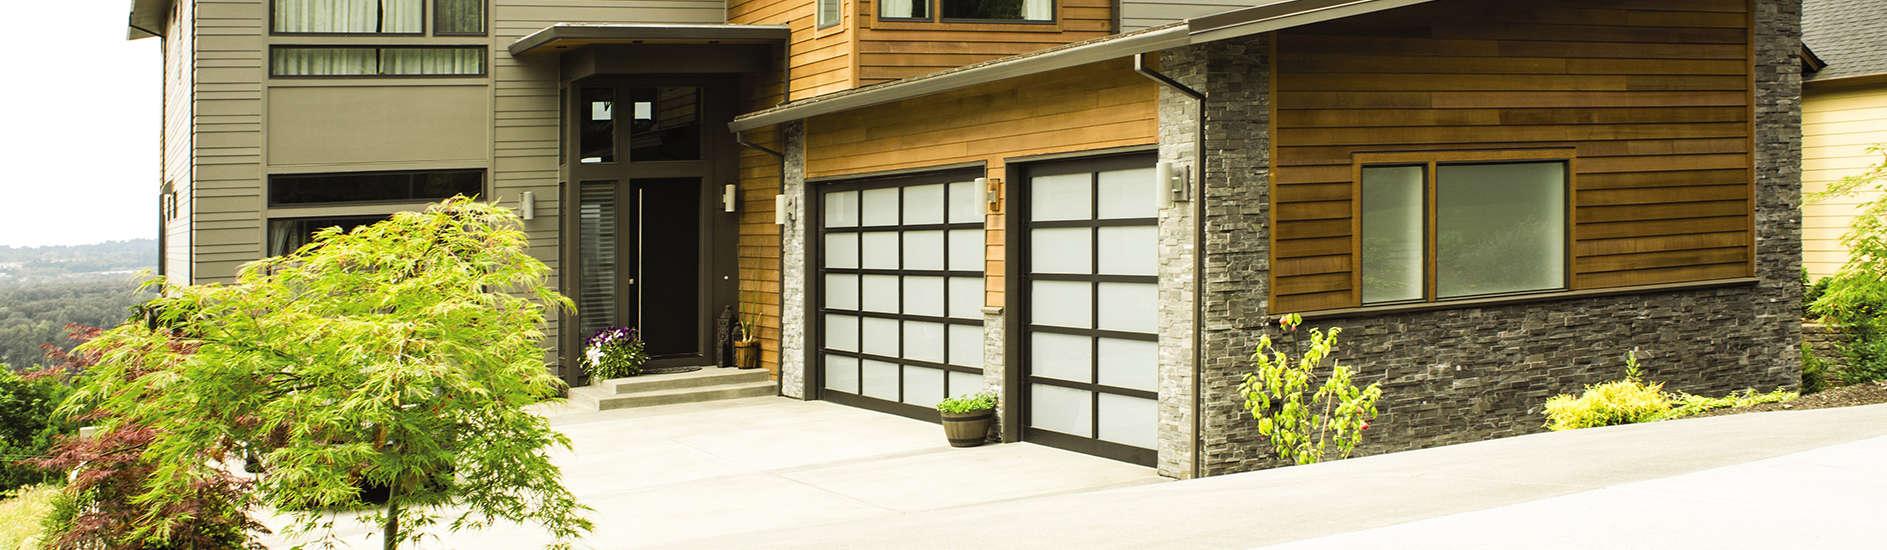 can garage door insulation save you money you bet cressy door